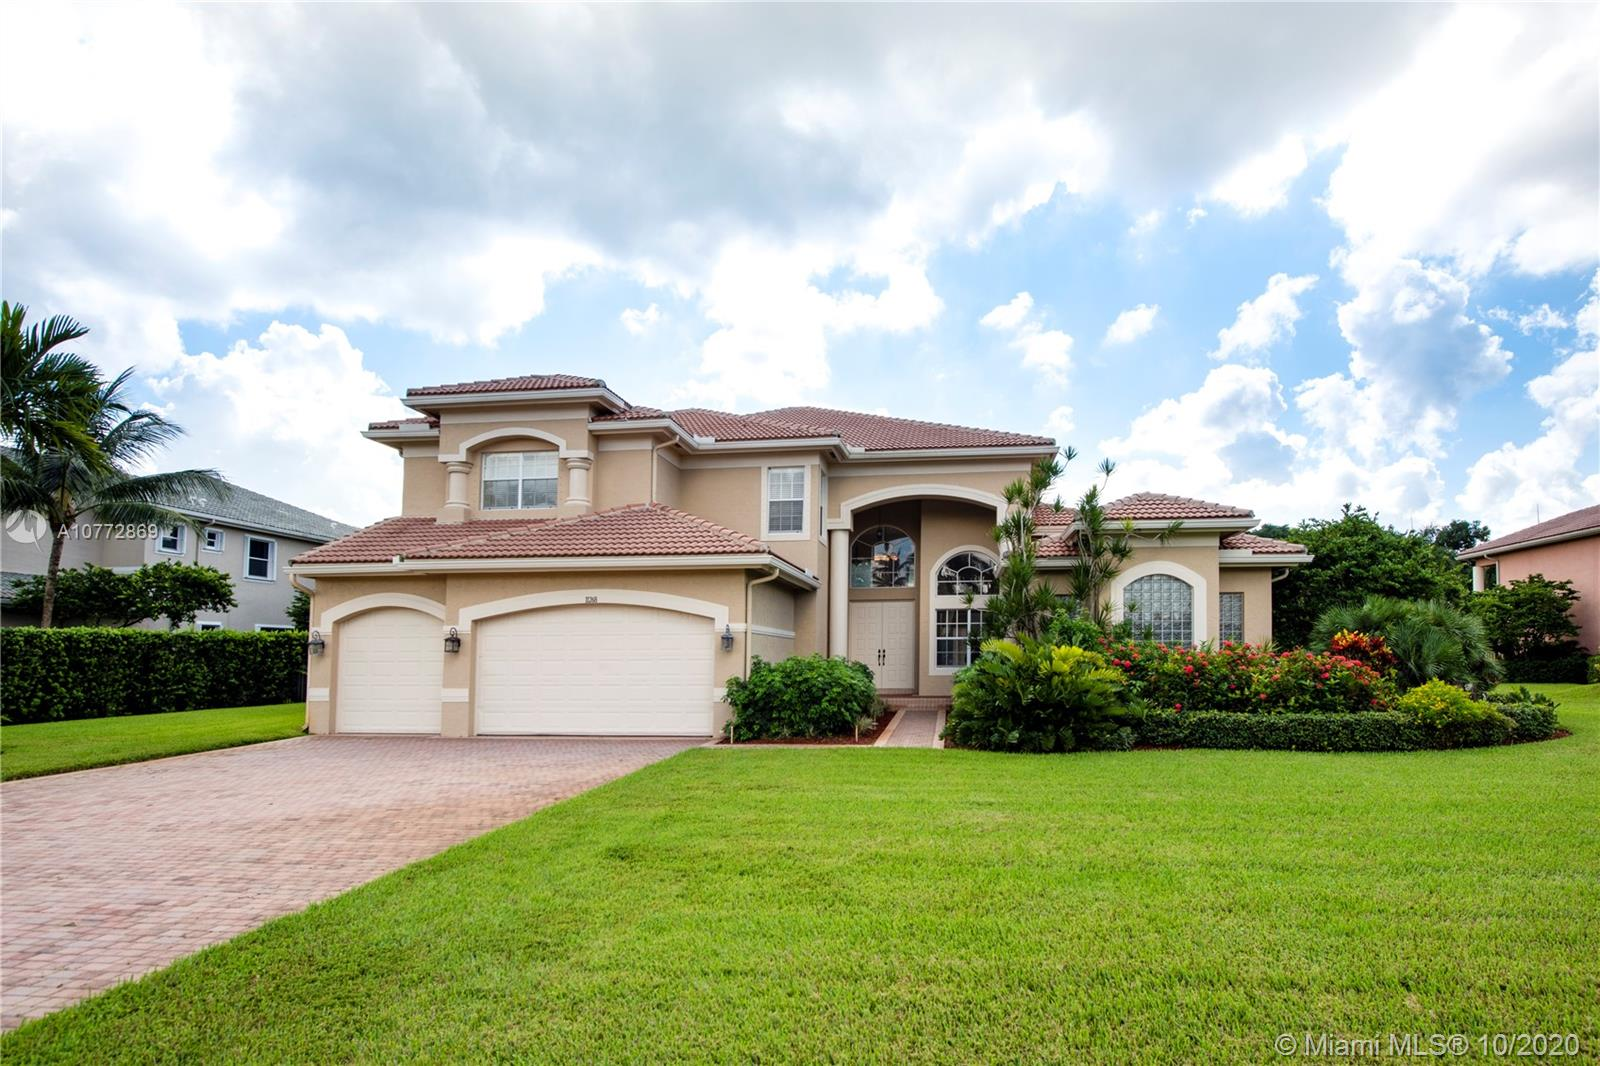 11268 Water Oak Pl, Davie, FL 33330